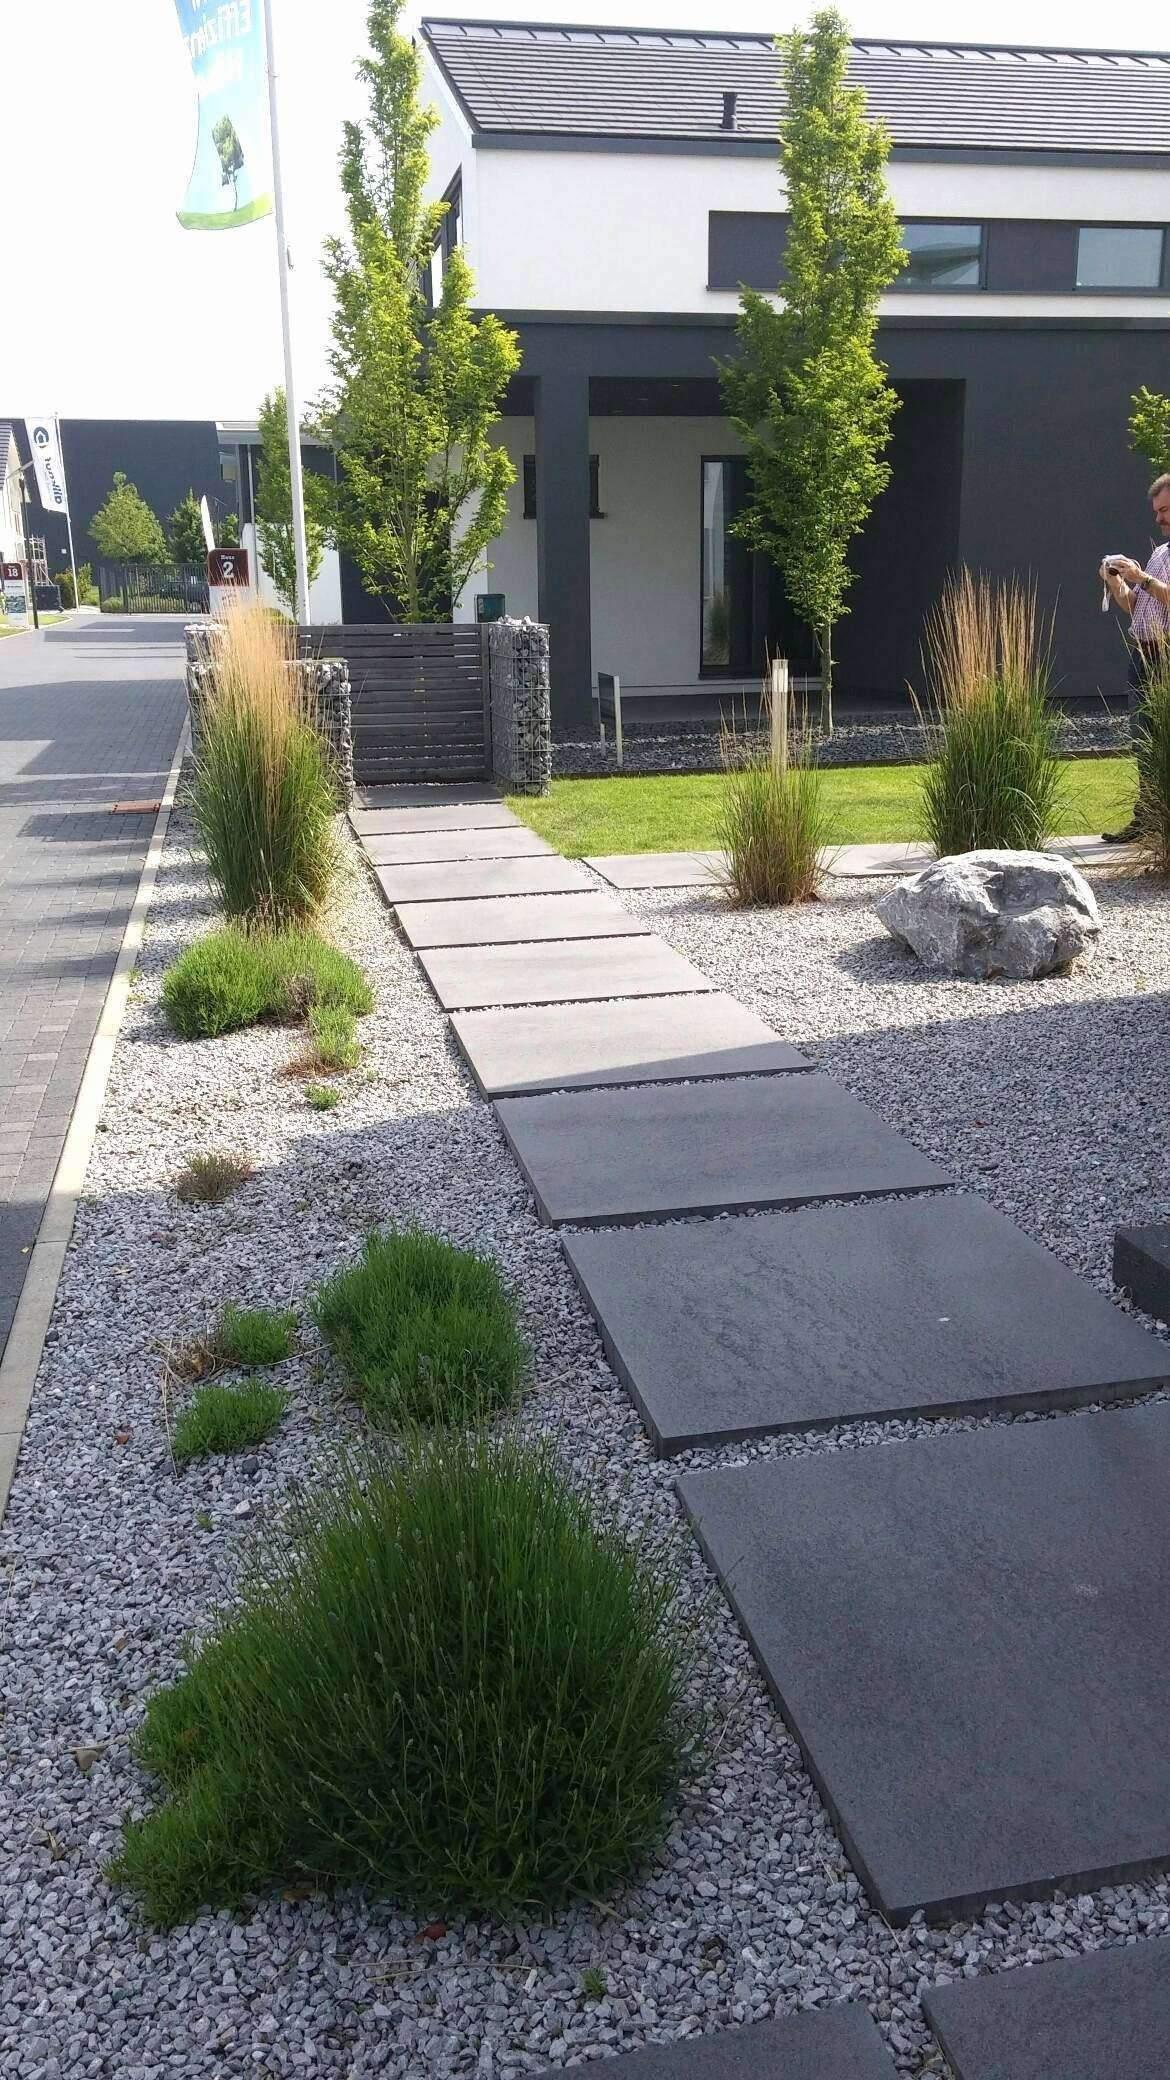 Pflanzen Deko Ideen Elegant Garten Und Landschaftsbau Luxus Garten Ideas Garten Anlegen